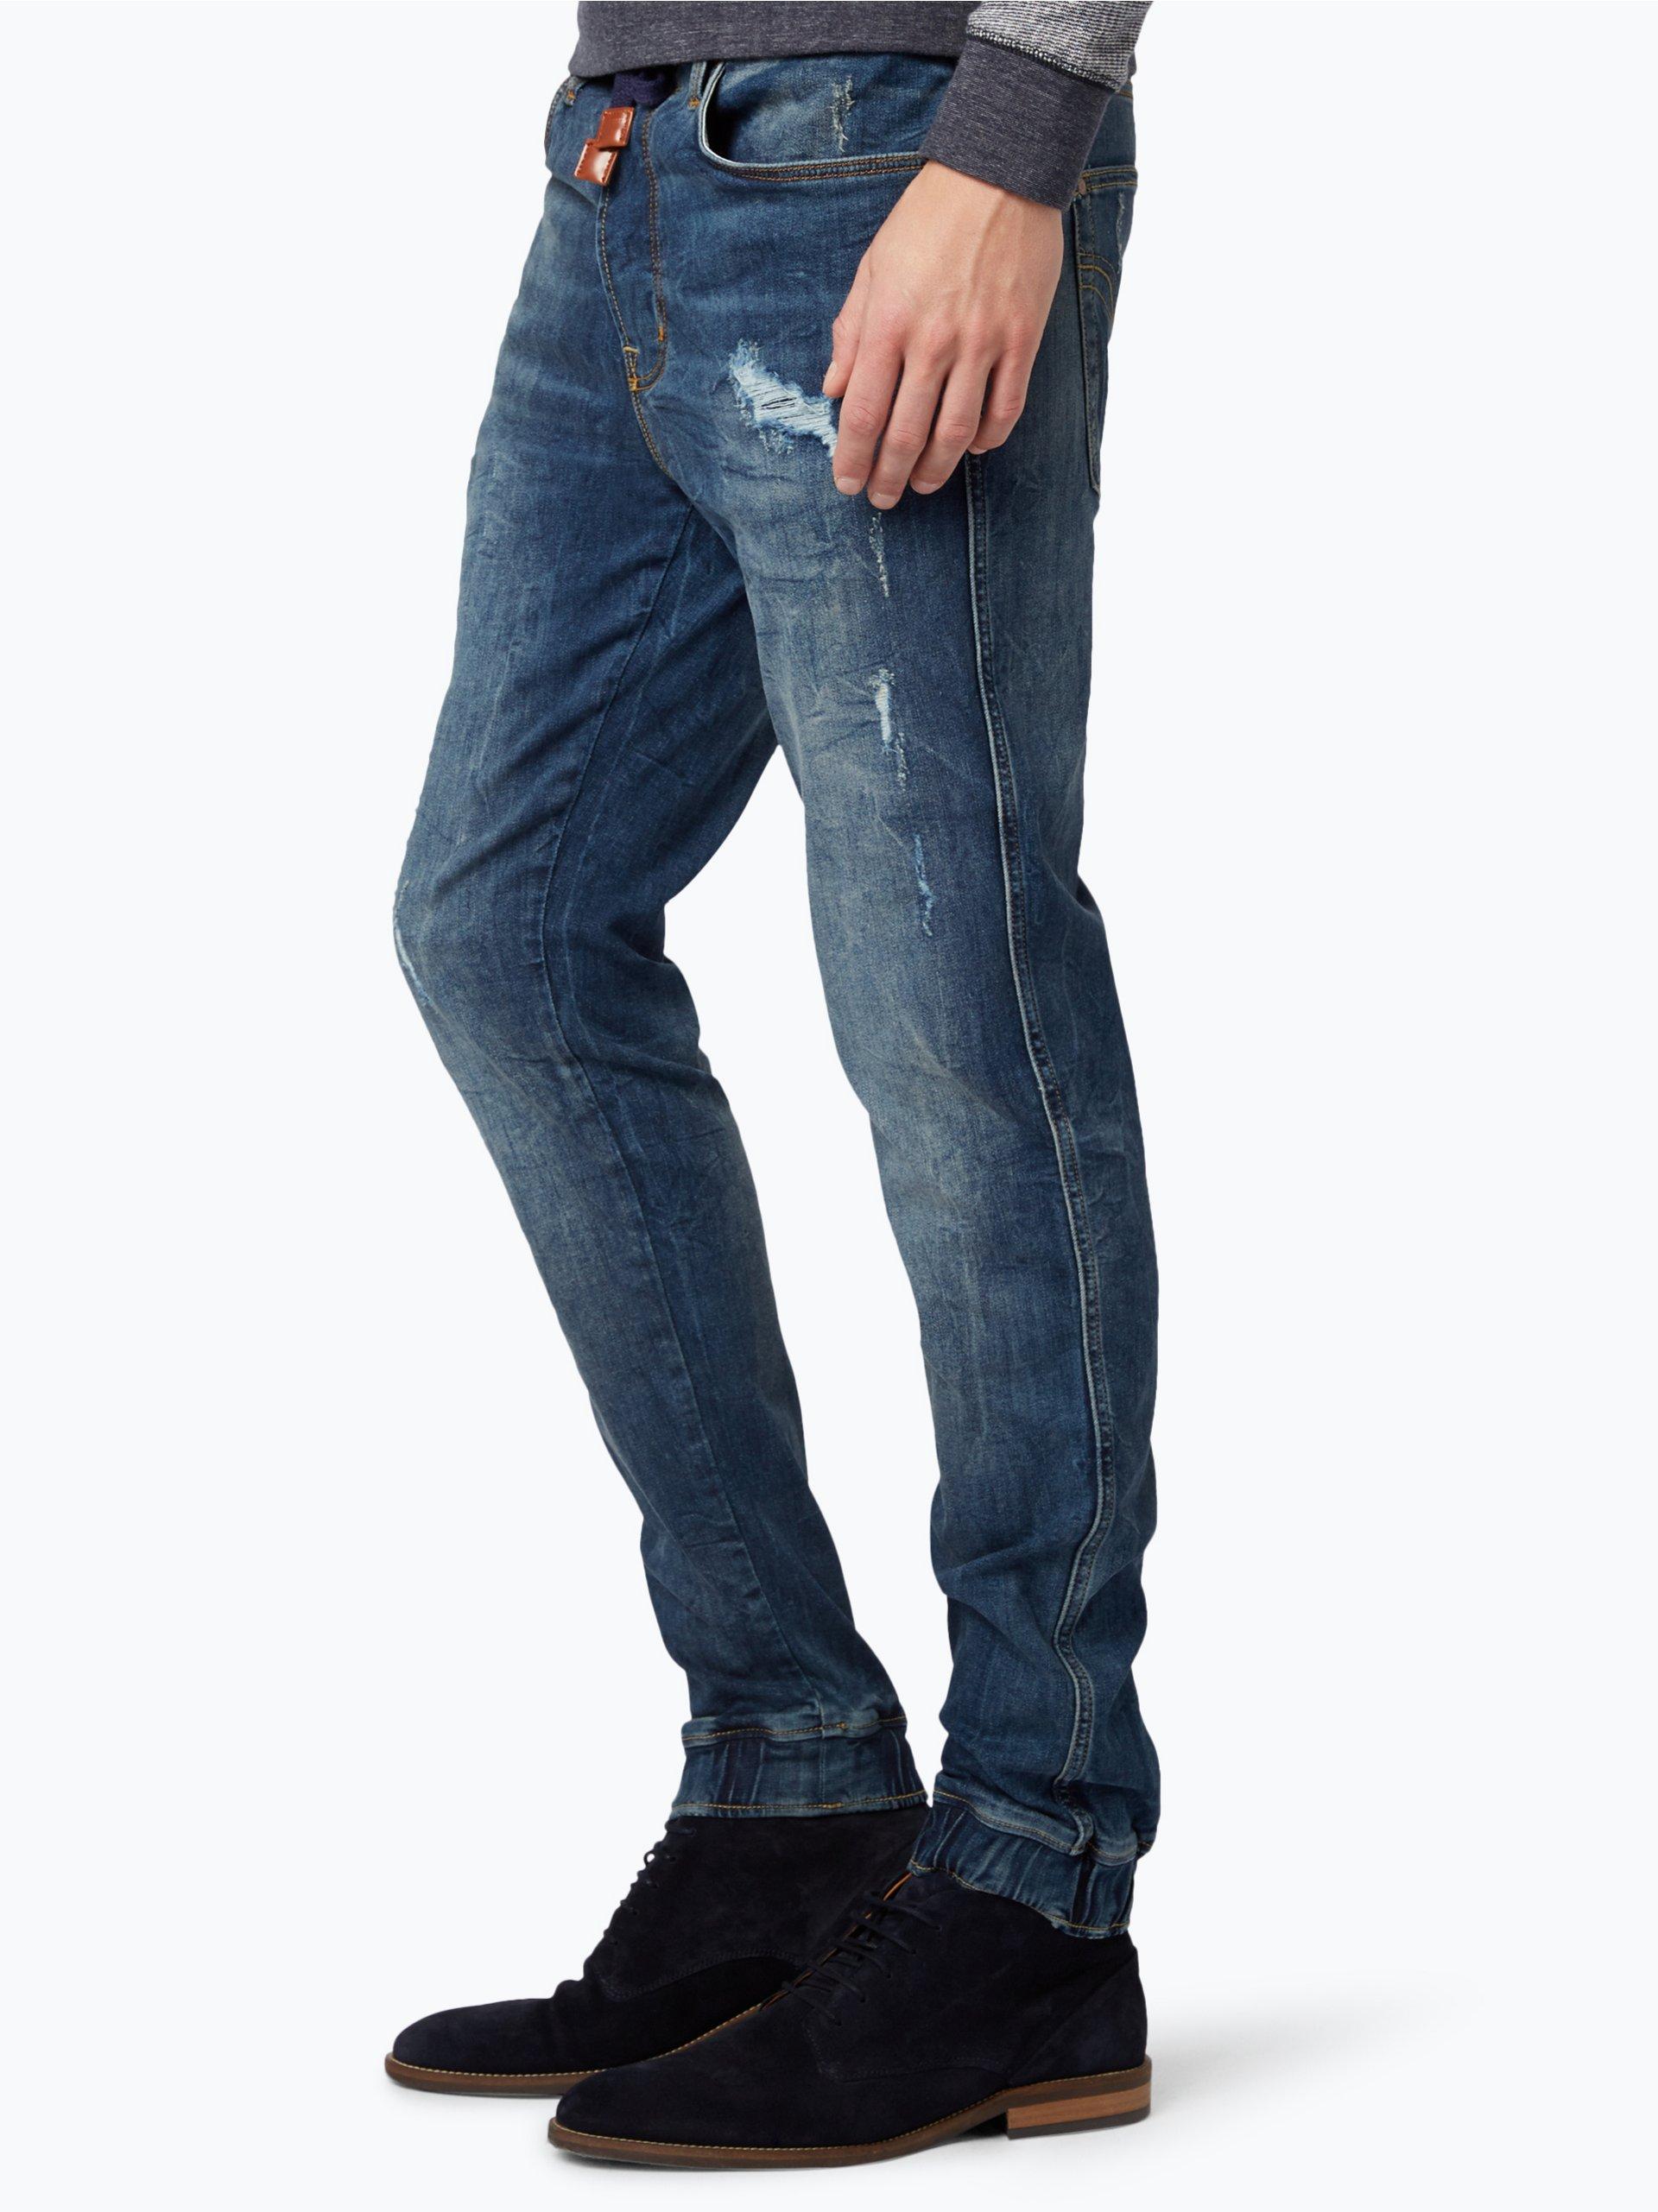 denim by nils sundstr m herren jeans blau uni online. Black Bedroom Furniture Sets. Home Design Ideas